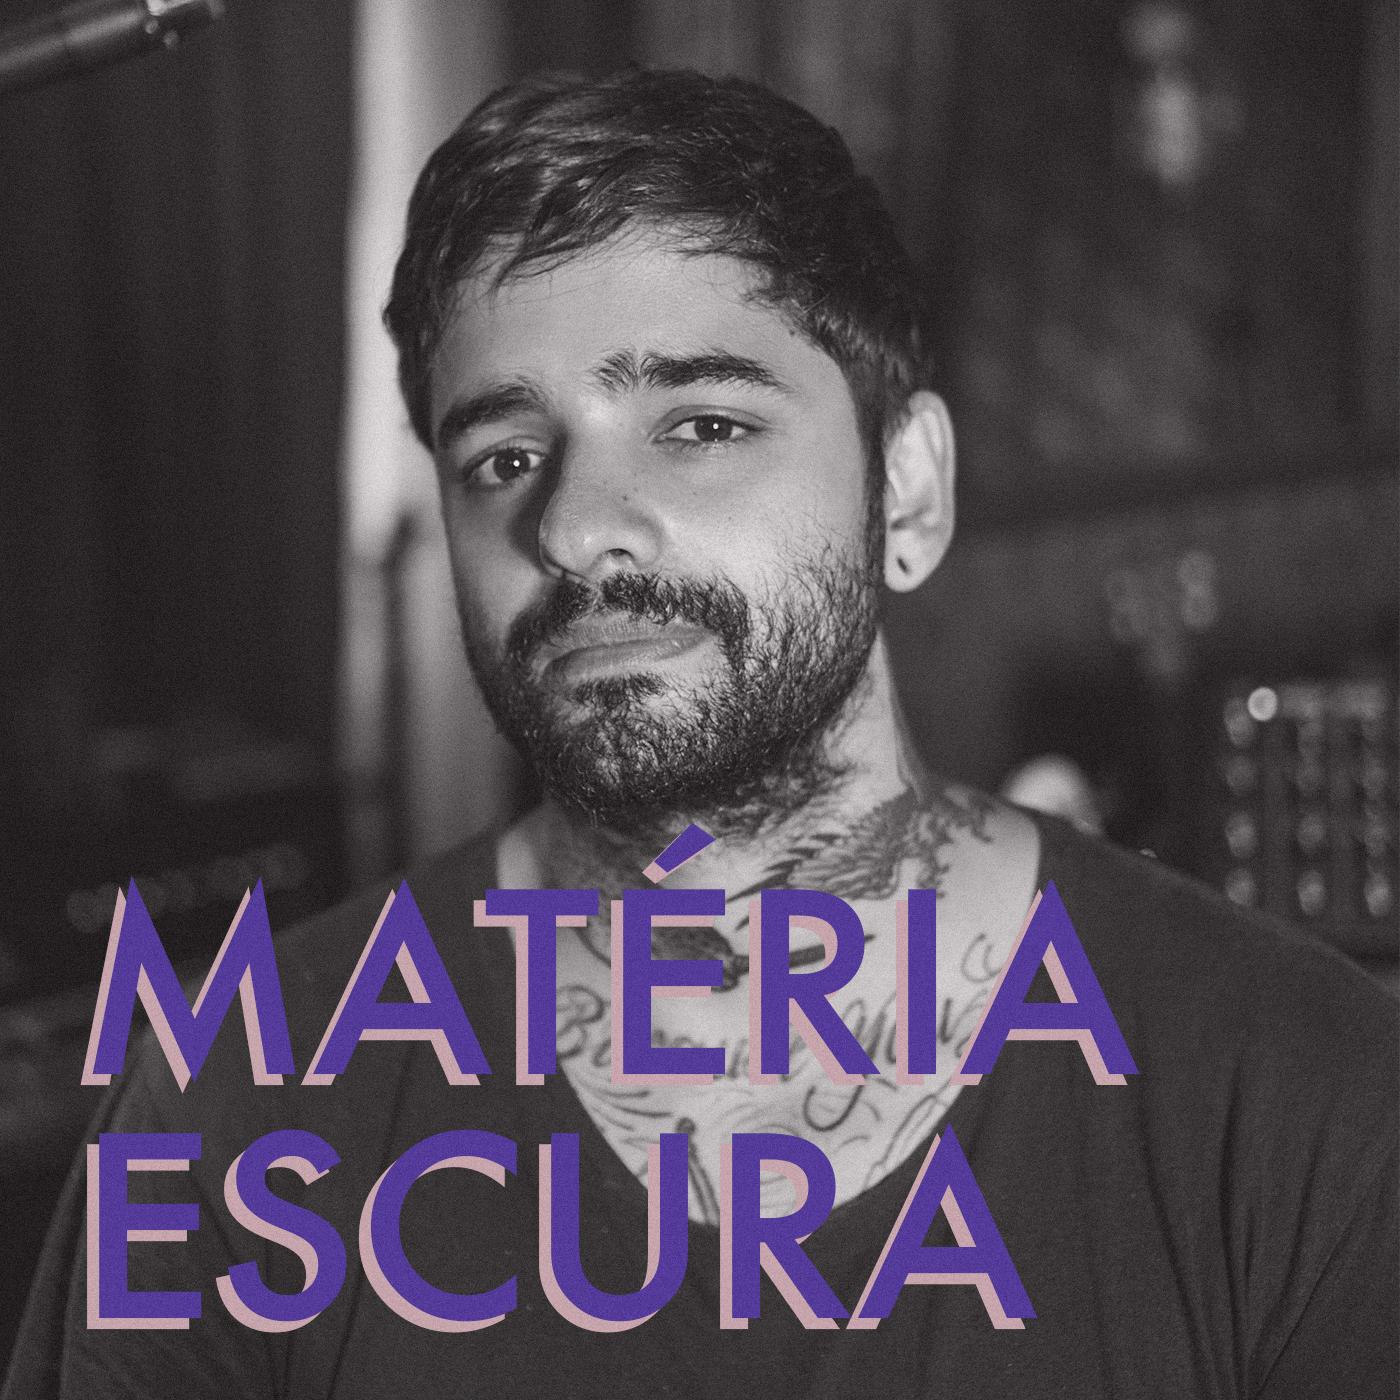 MATÉRIA ESCURA show art